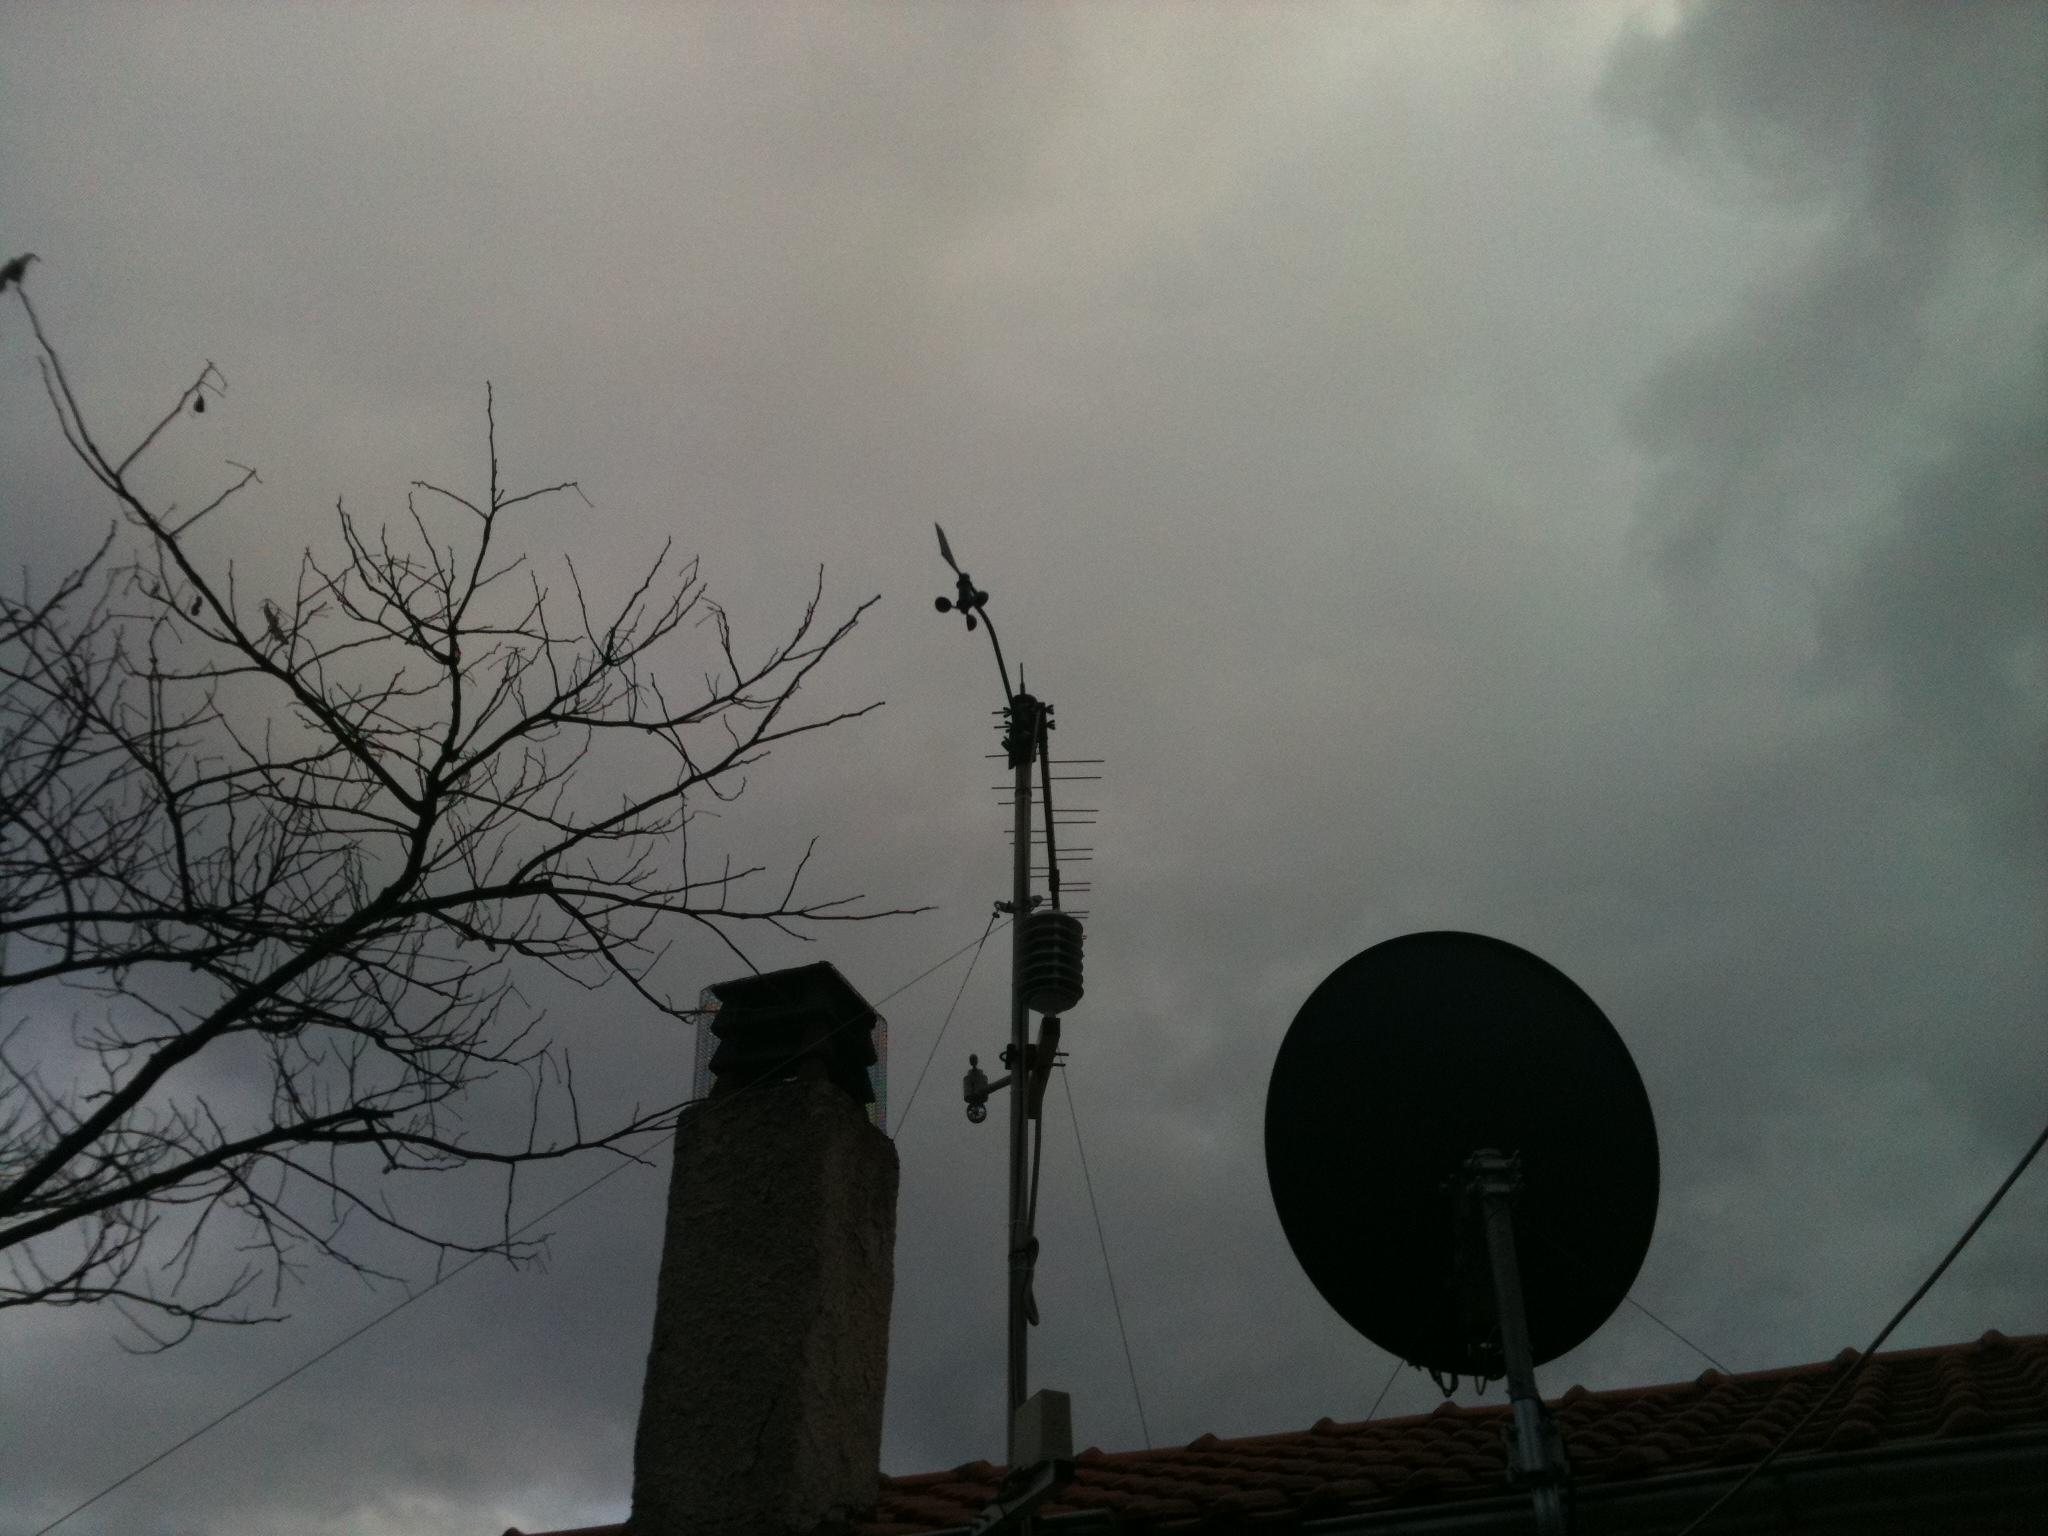 davis rain gauge